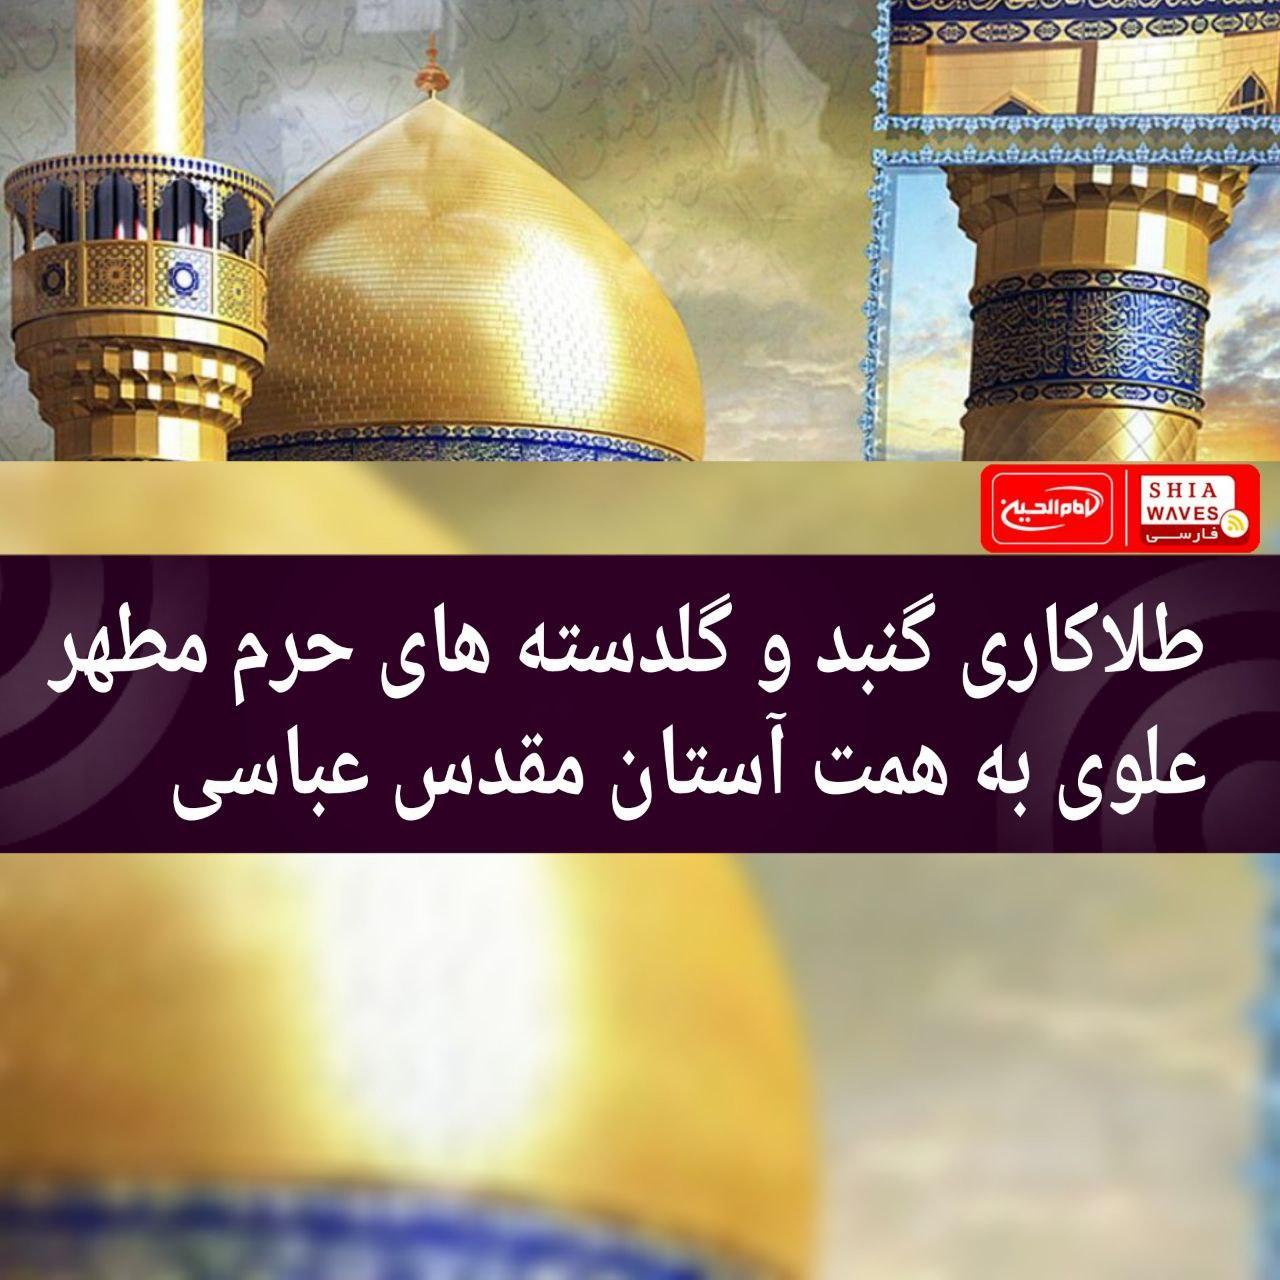 تصویر طلاکاری گنبد و گلدسته های حرم مطهر علوی به همت آستان مقدس عباسی